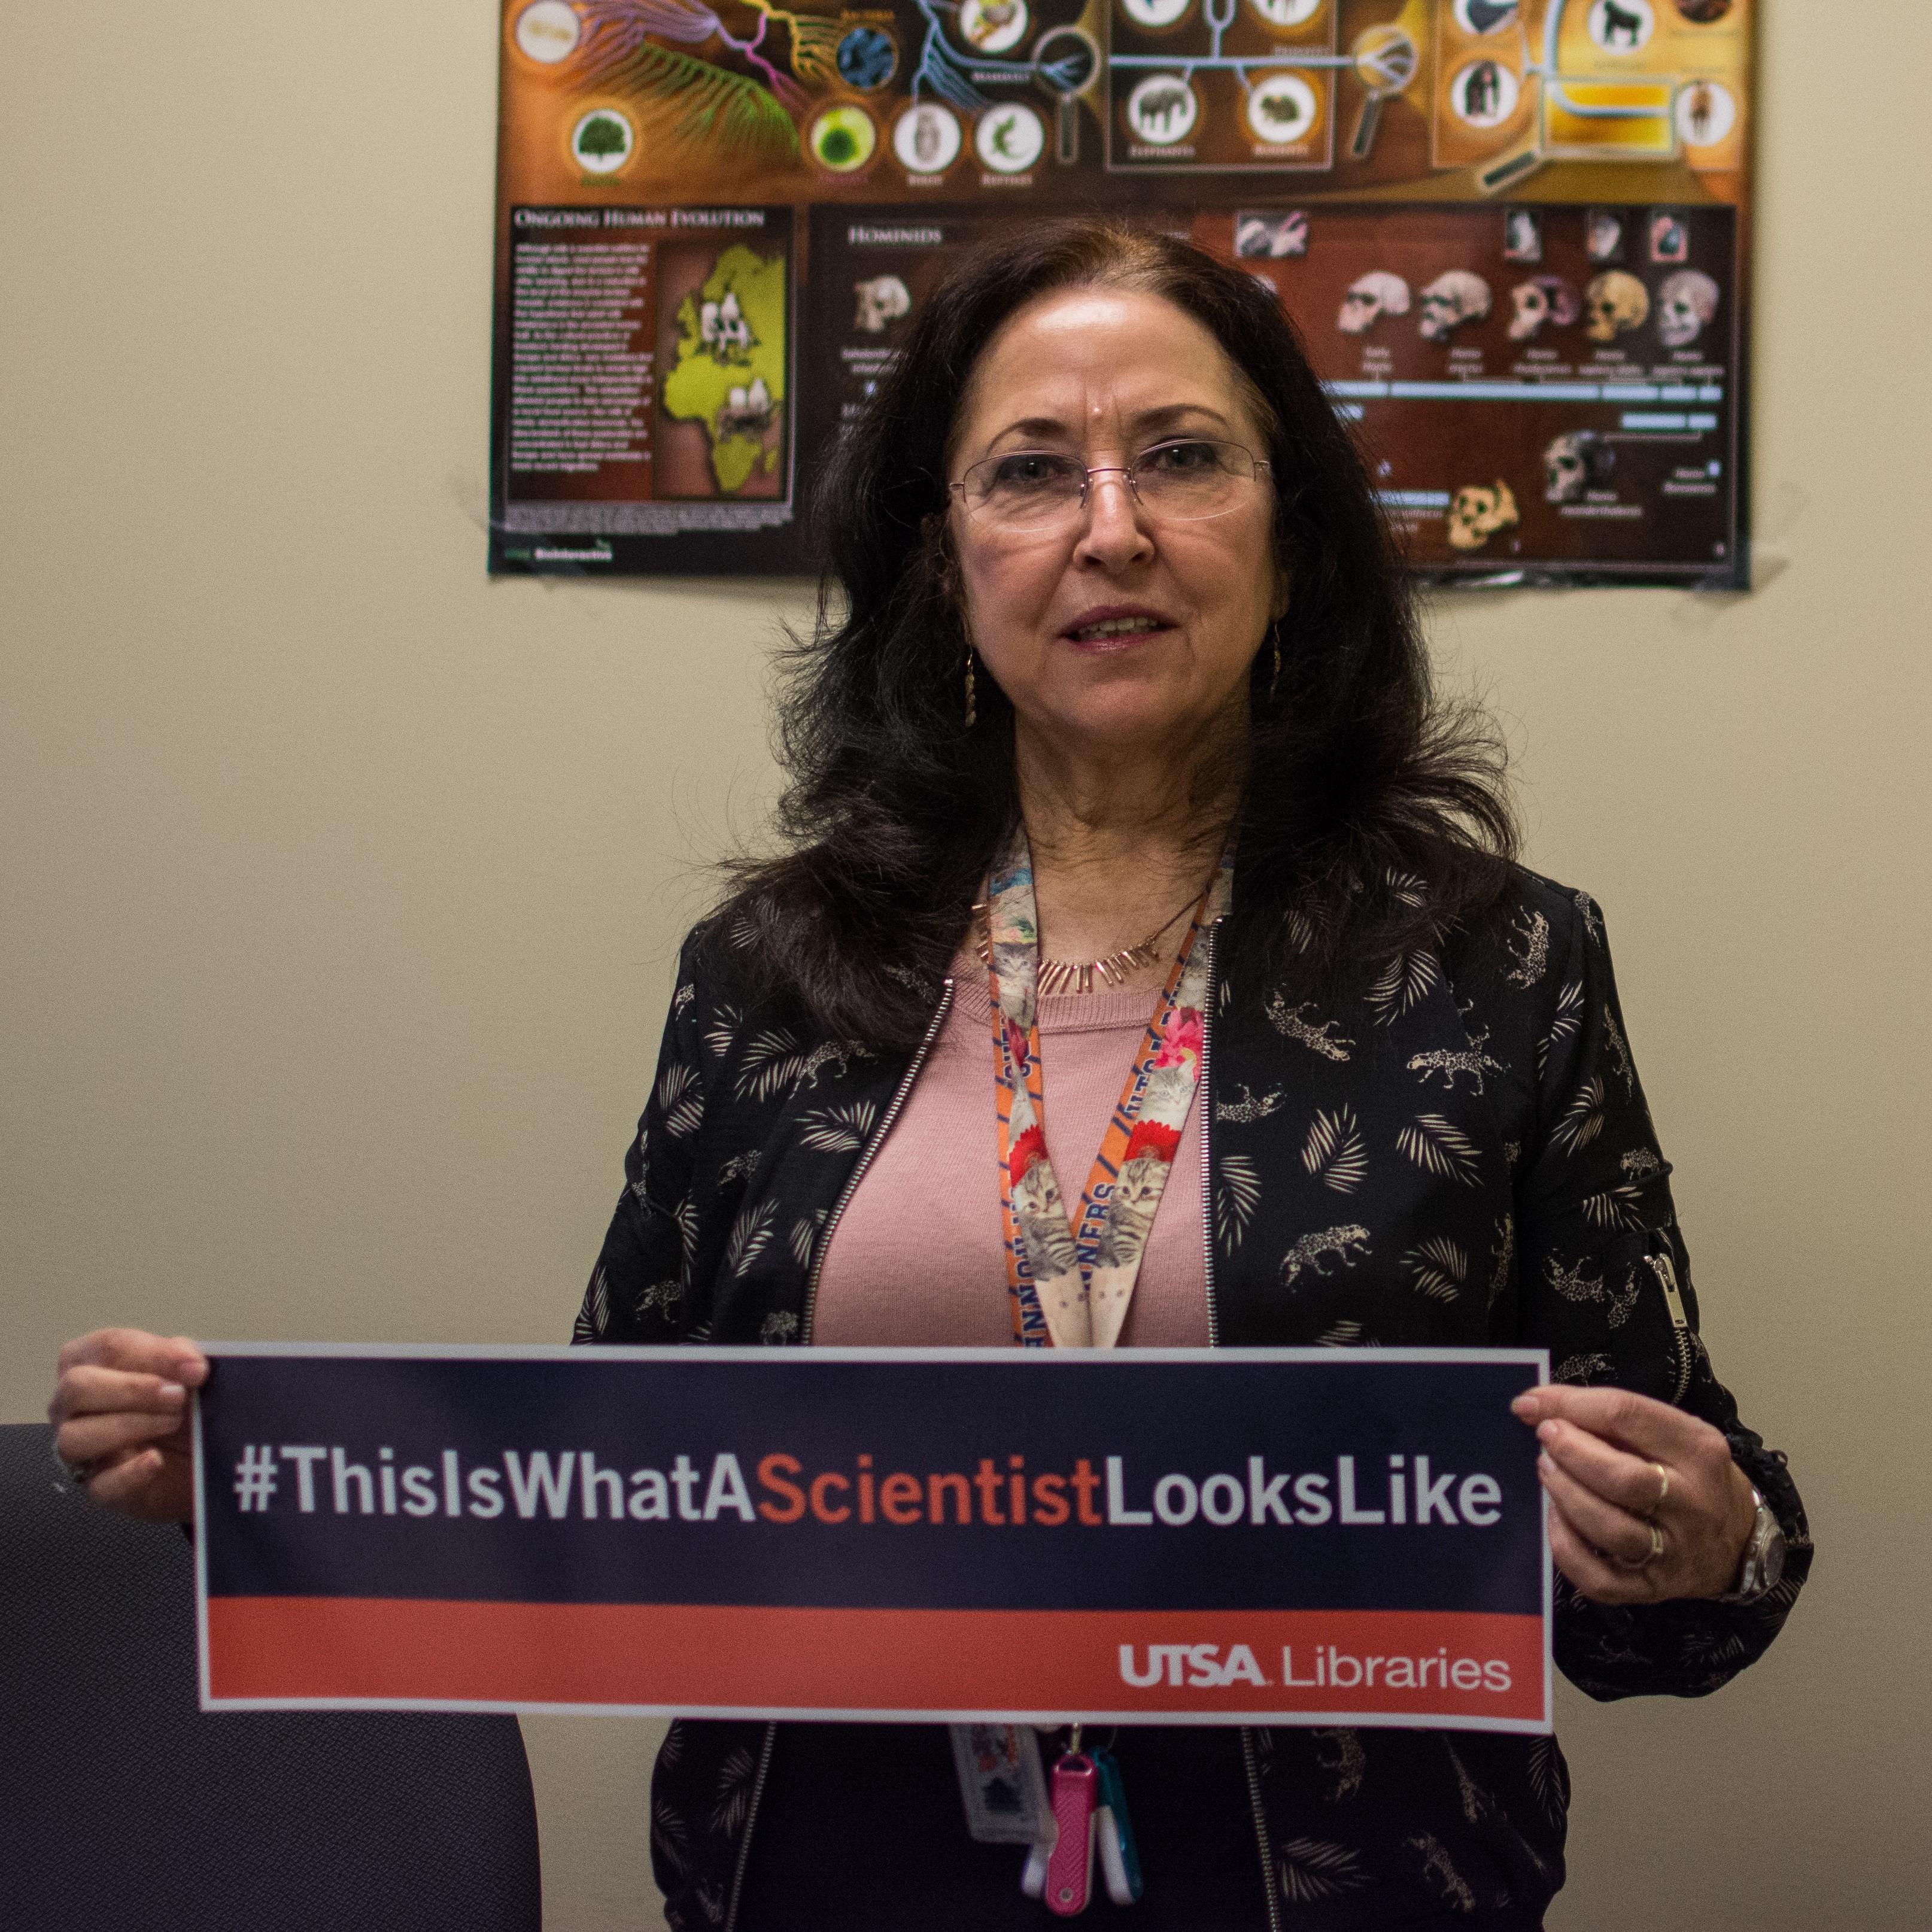 Dr. Susan Dalterio